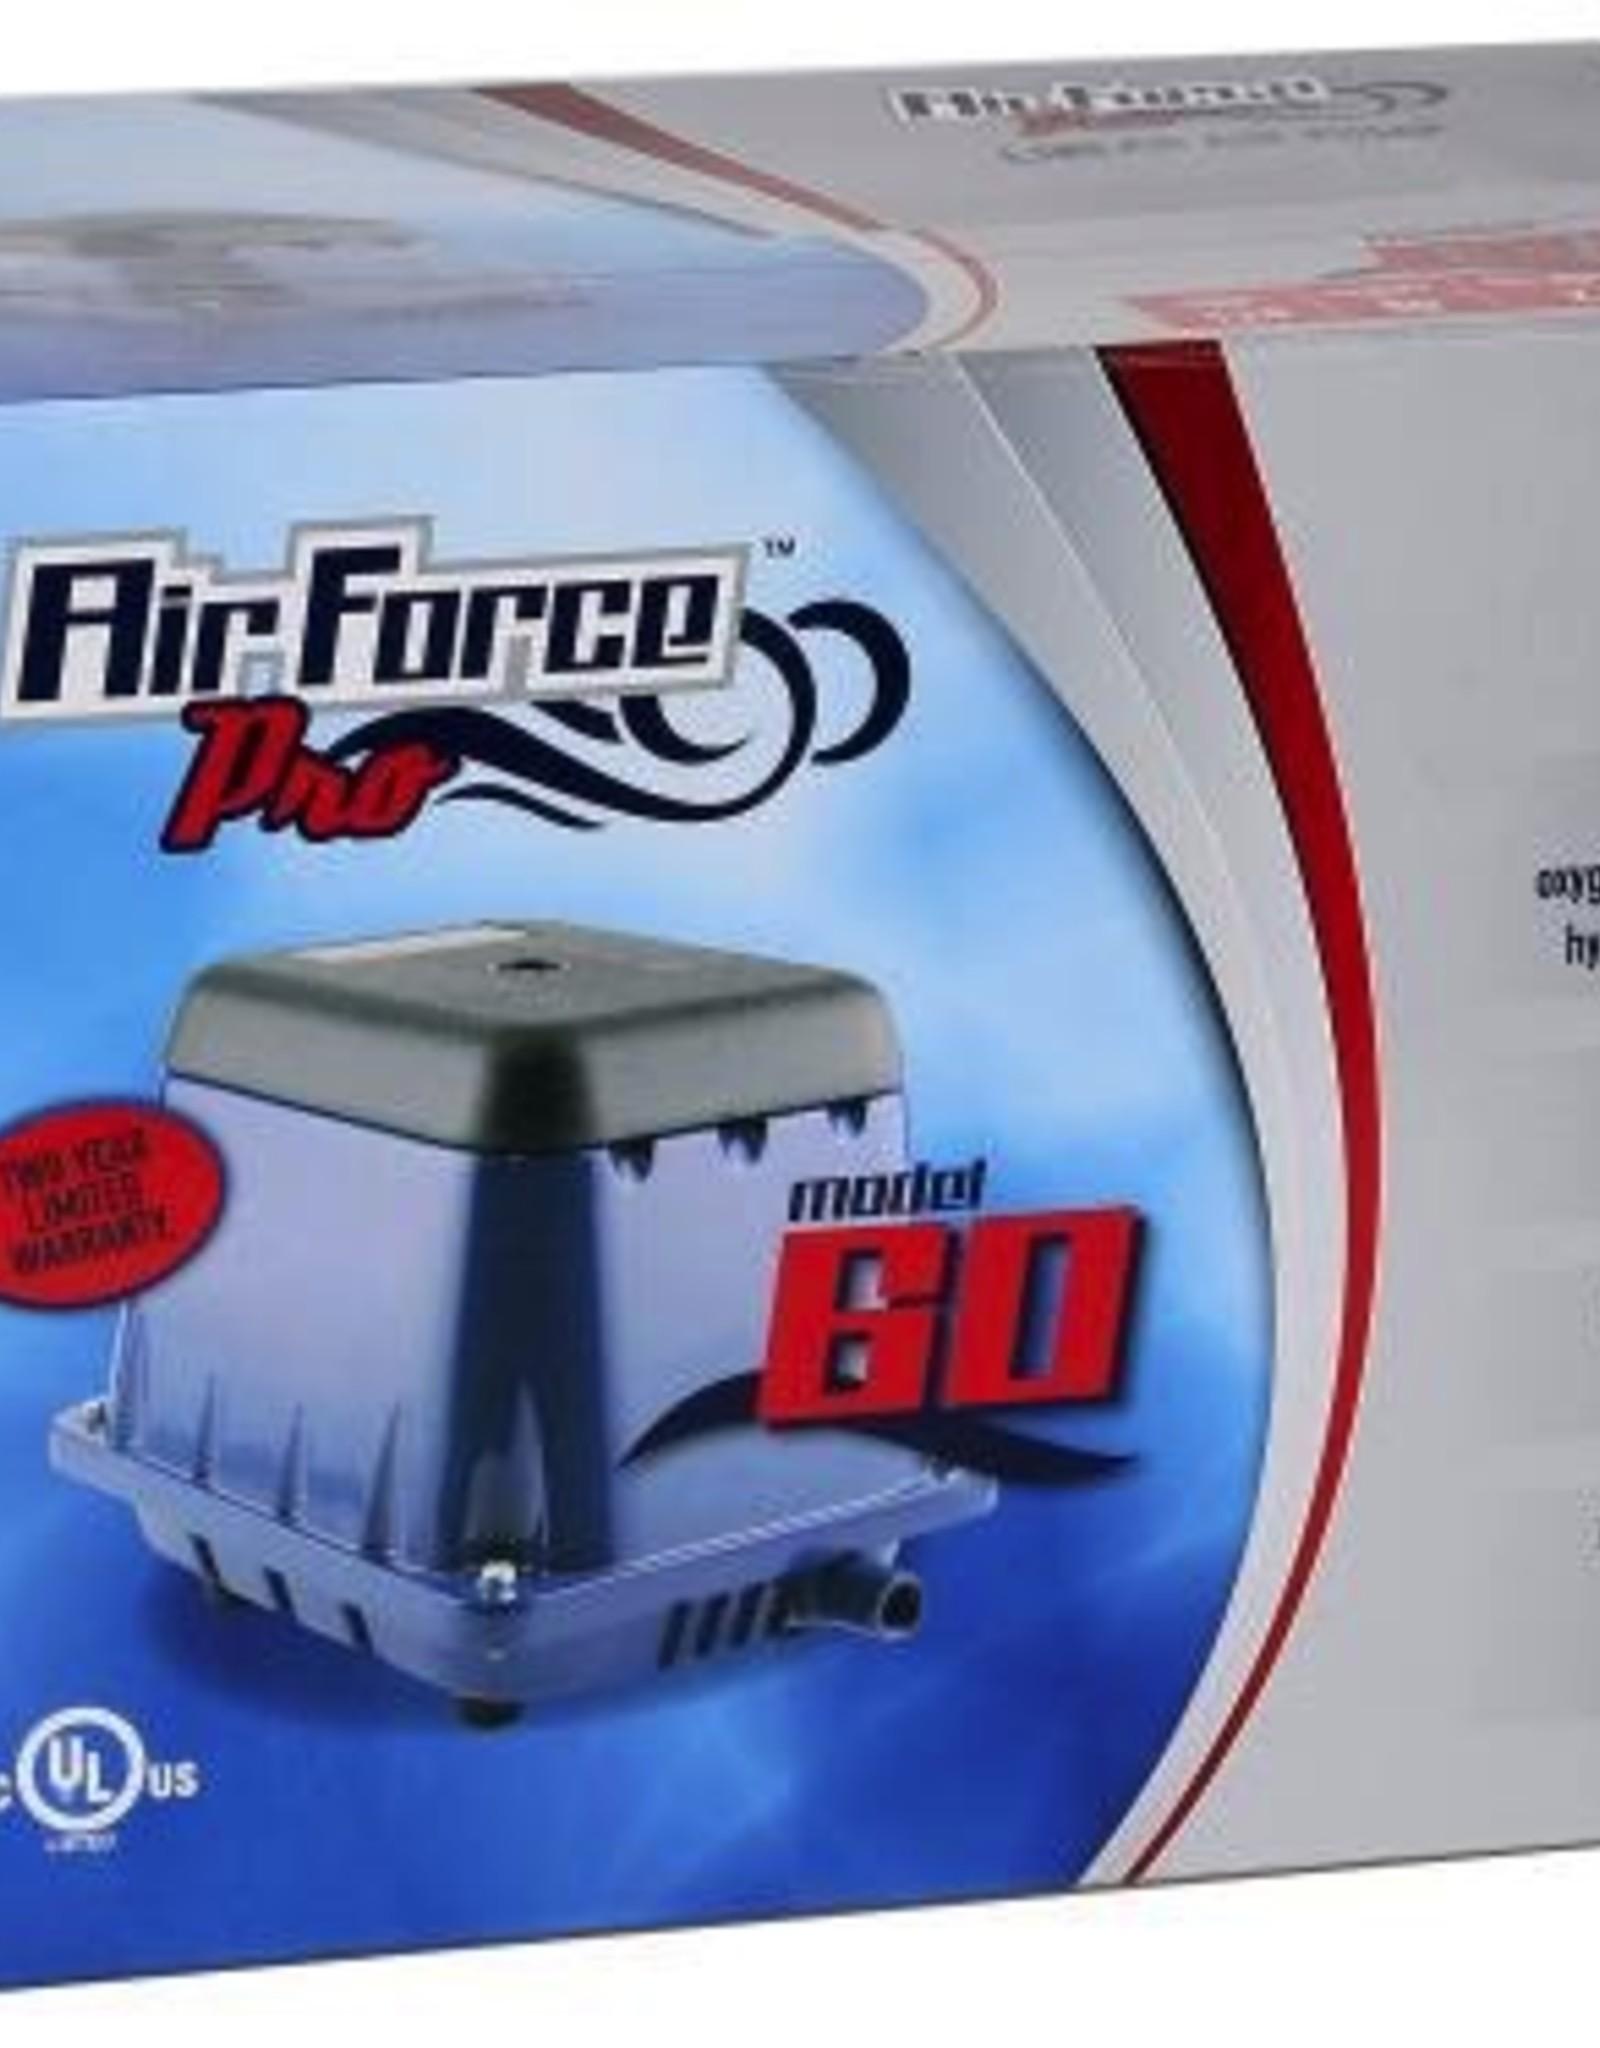 Air Force  Pro Air Force Pro 60 Linear Air Pump